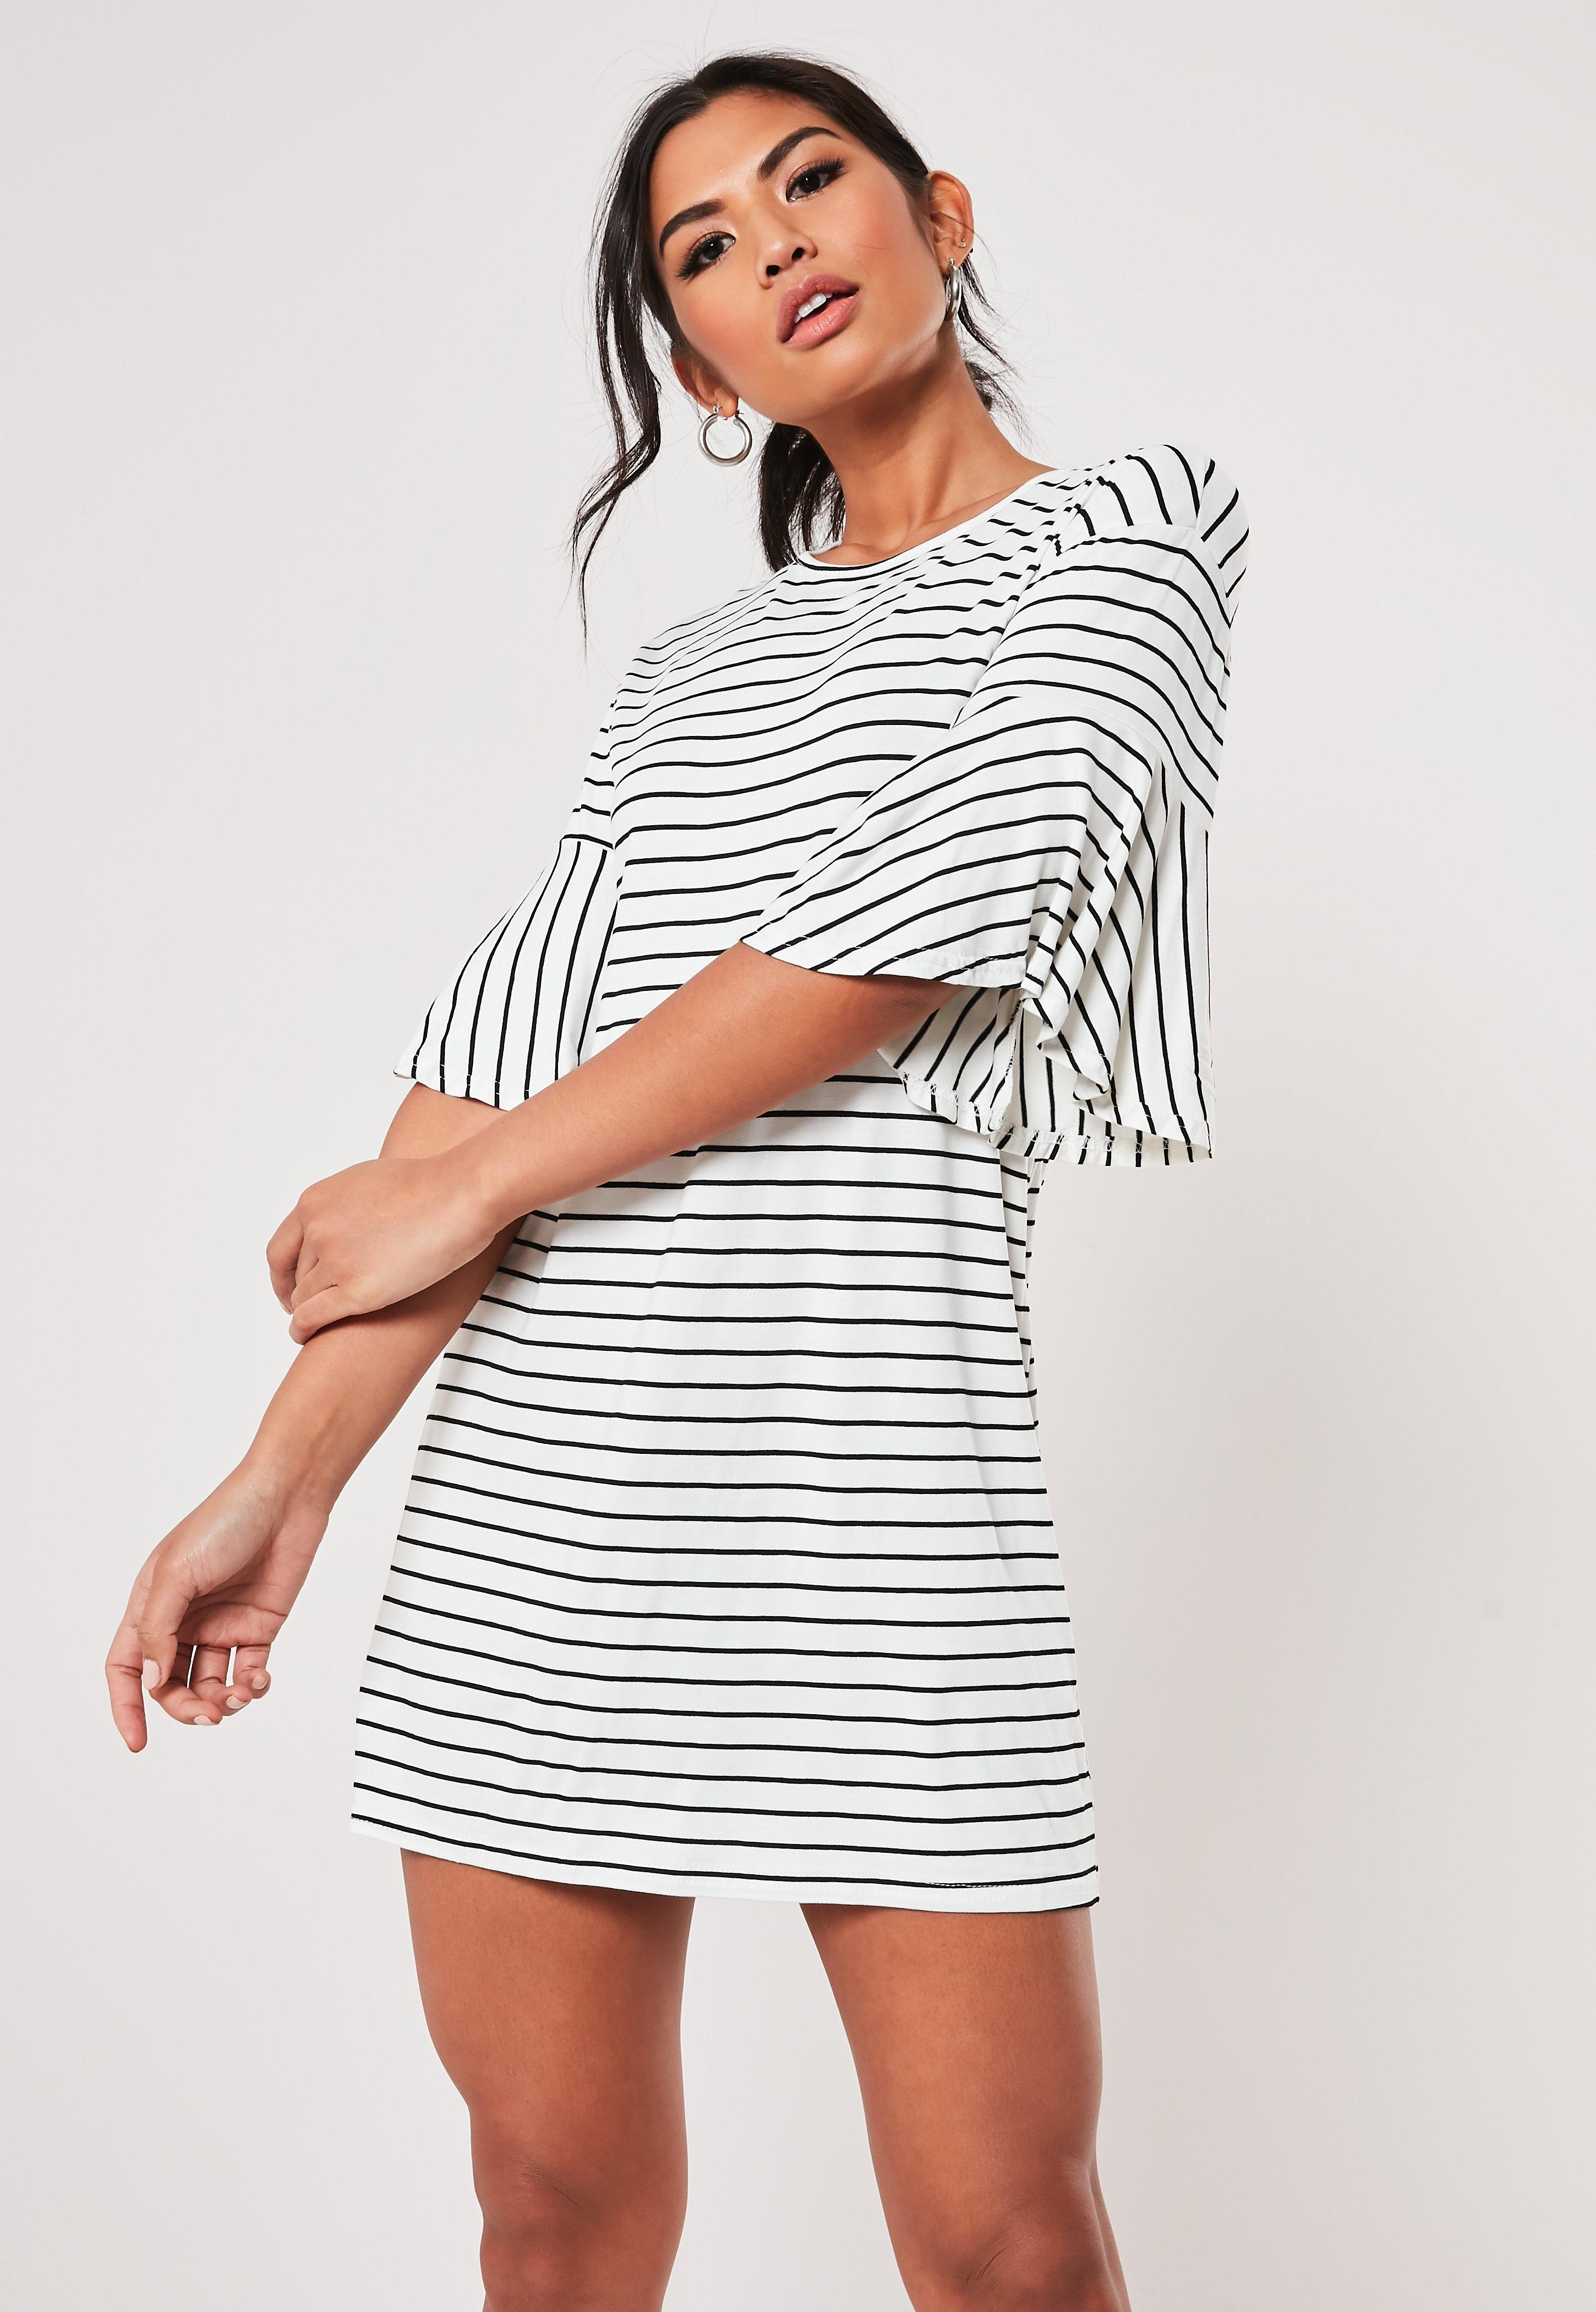 ee22805ed38 T-Shirt Dresses